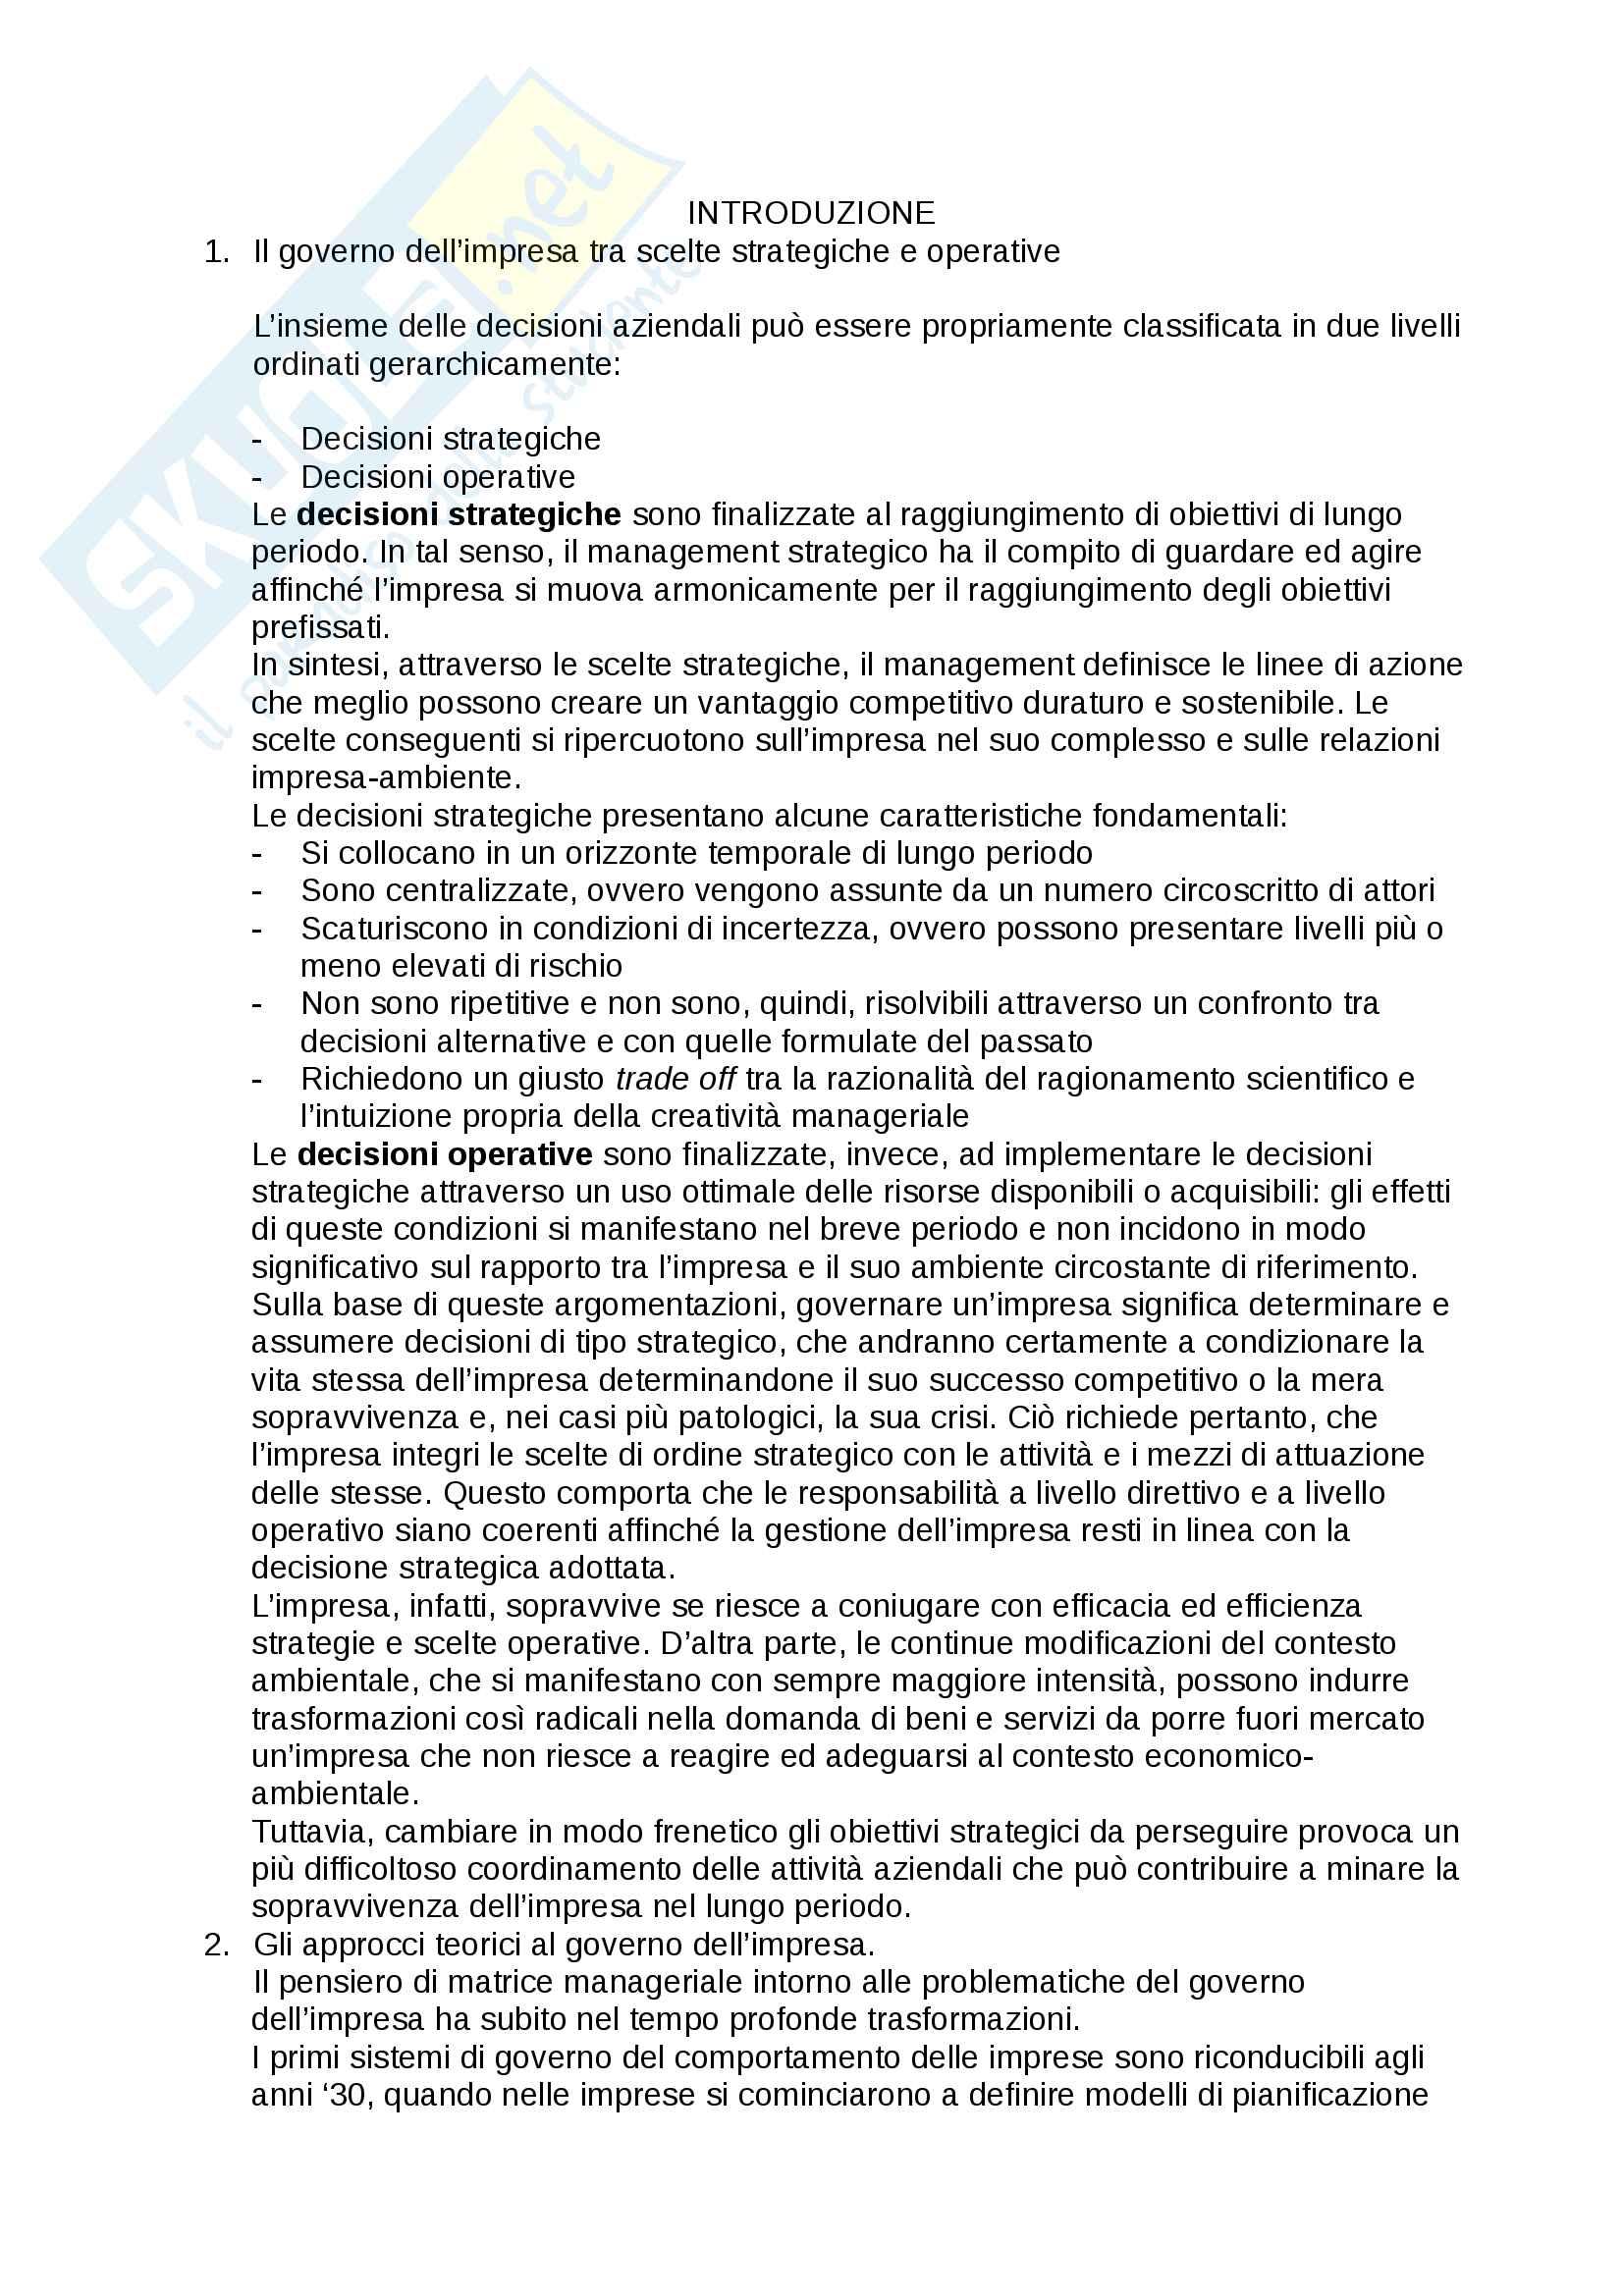 Riassunto esame Economia e Gestione delle Imprese, prof. P.Popoli, libro consigliato: Elementi di Economia e Gestione delle Imprese, Genco, Calvelli